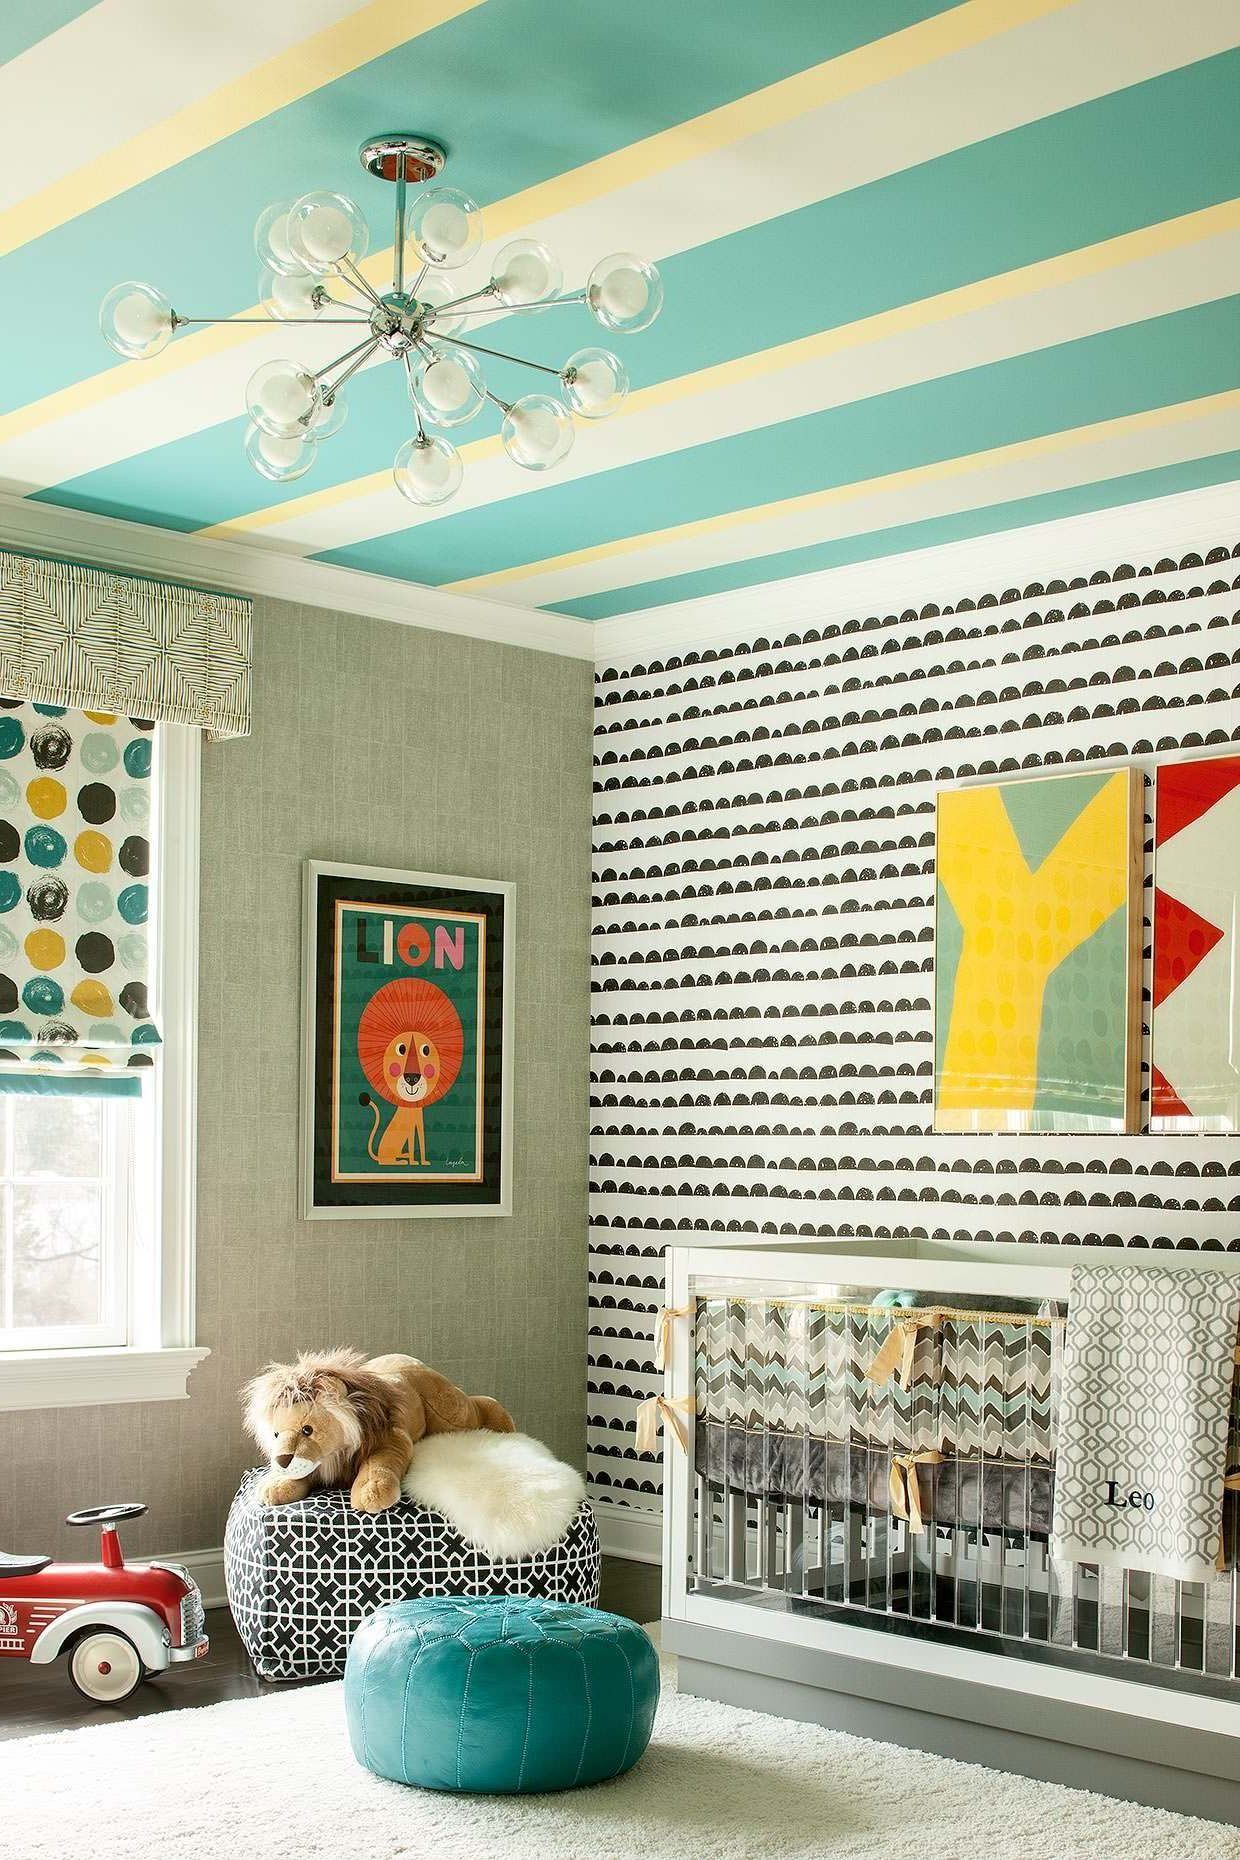 Ideen schlafzimmer wandgestaltung microfaser bettw sche for Farbvorschlage wohnzimmer